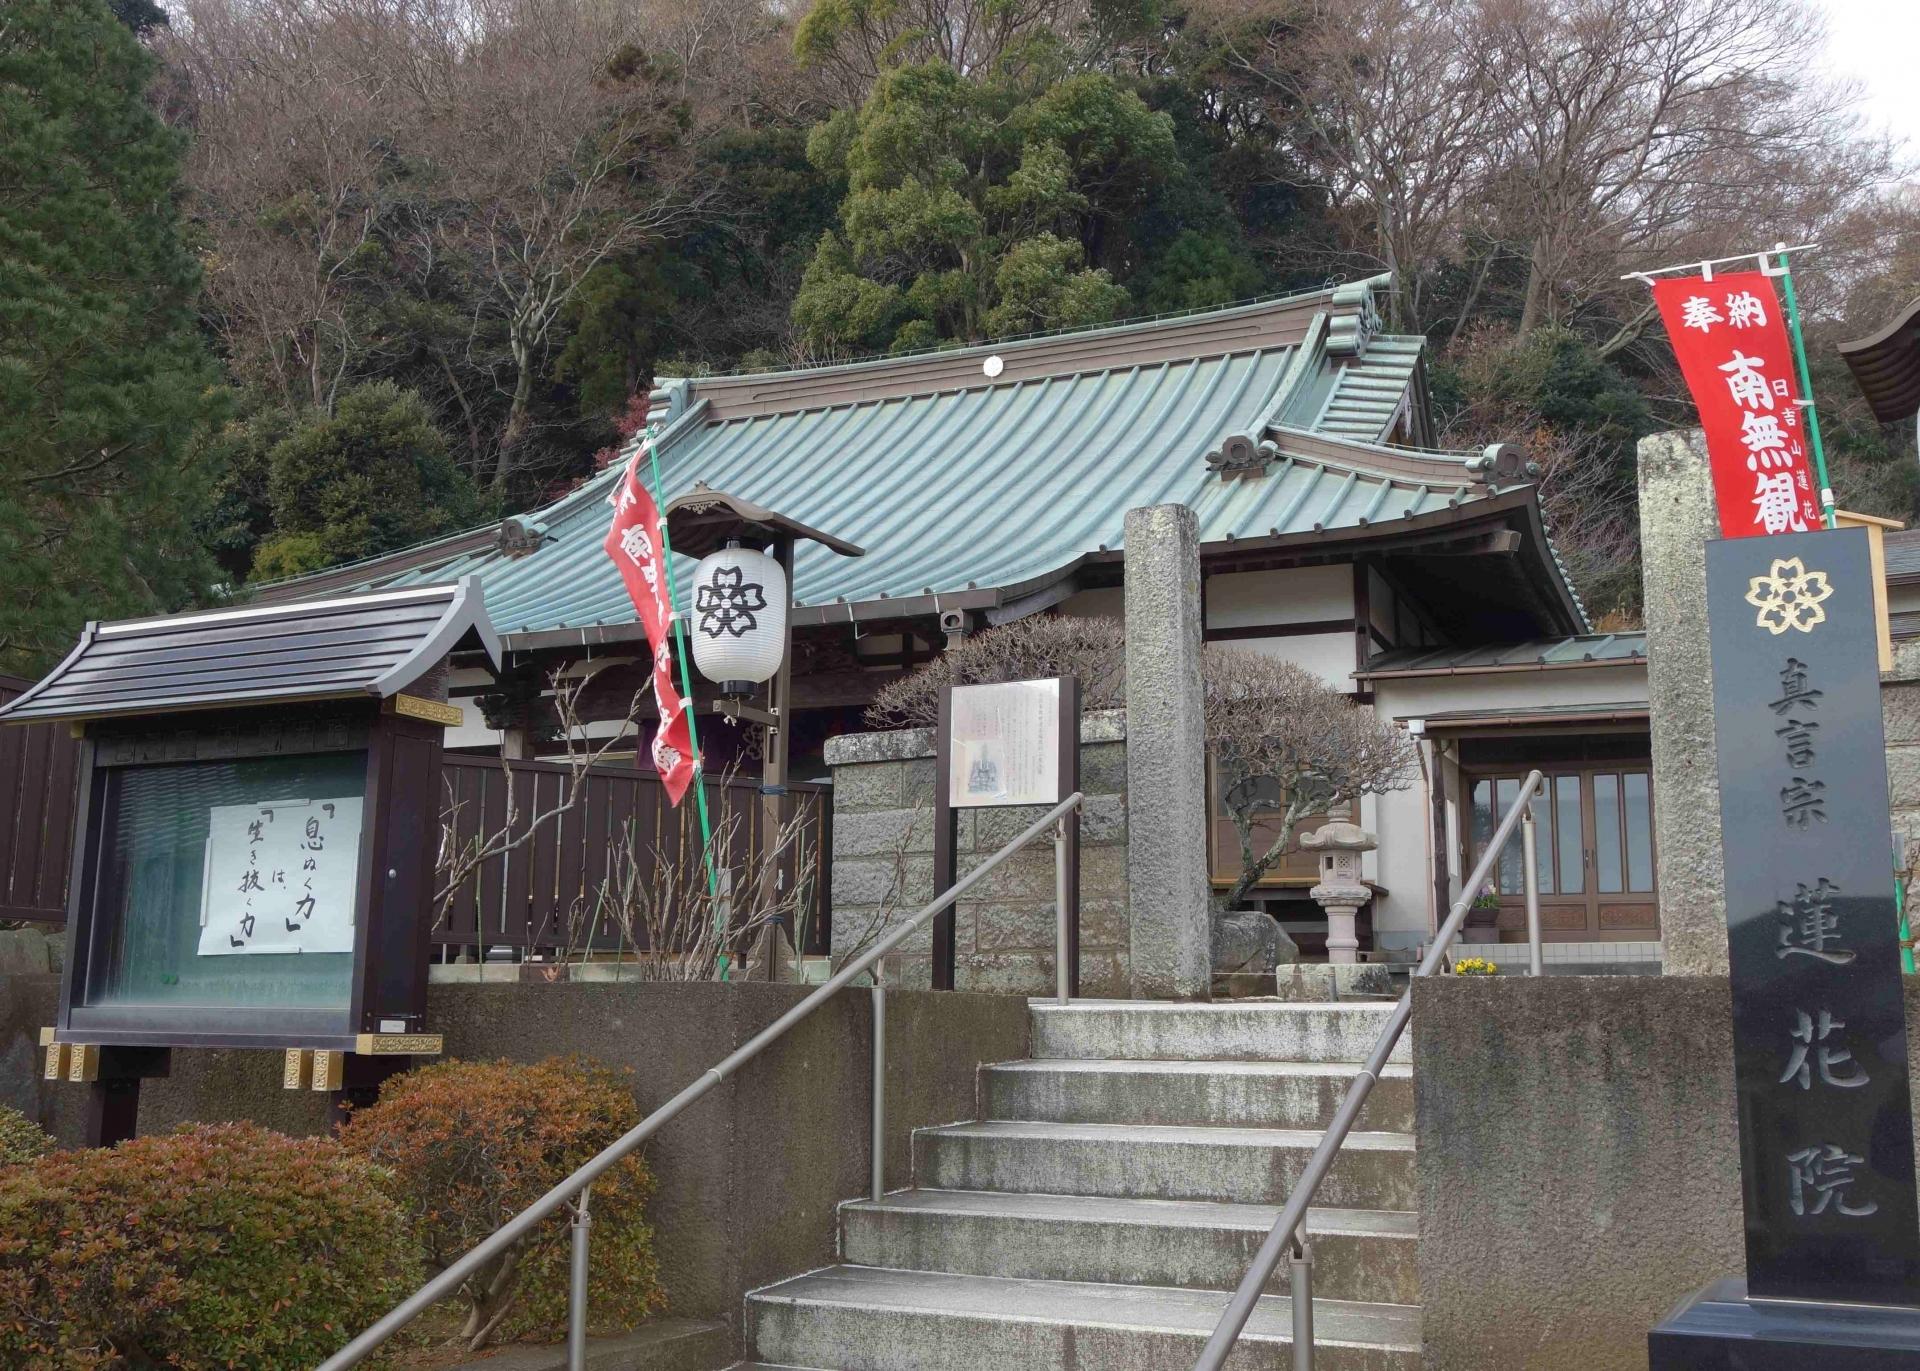 第5番 日吉山 神宮寺(蓮花院)